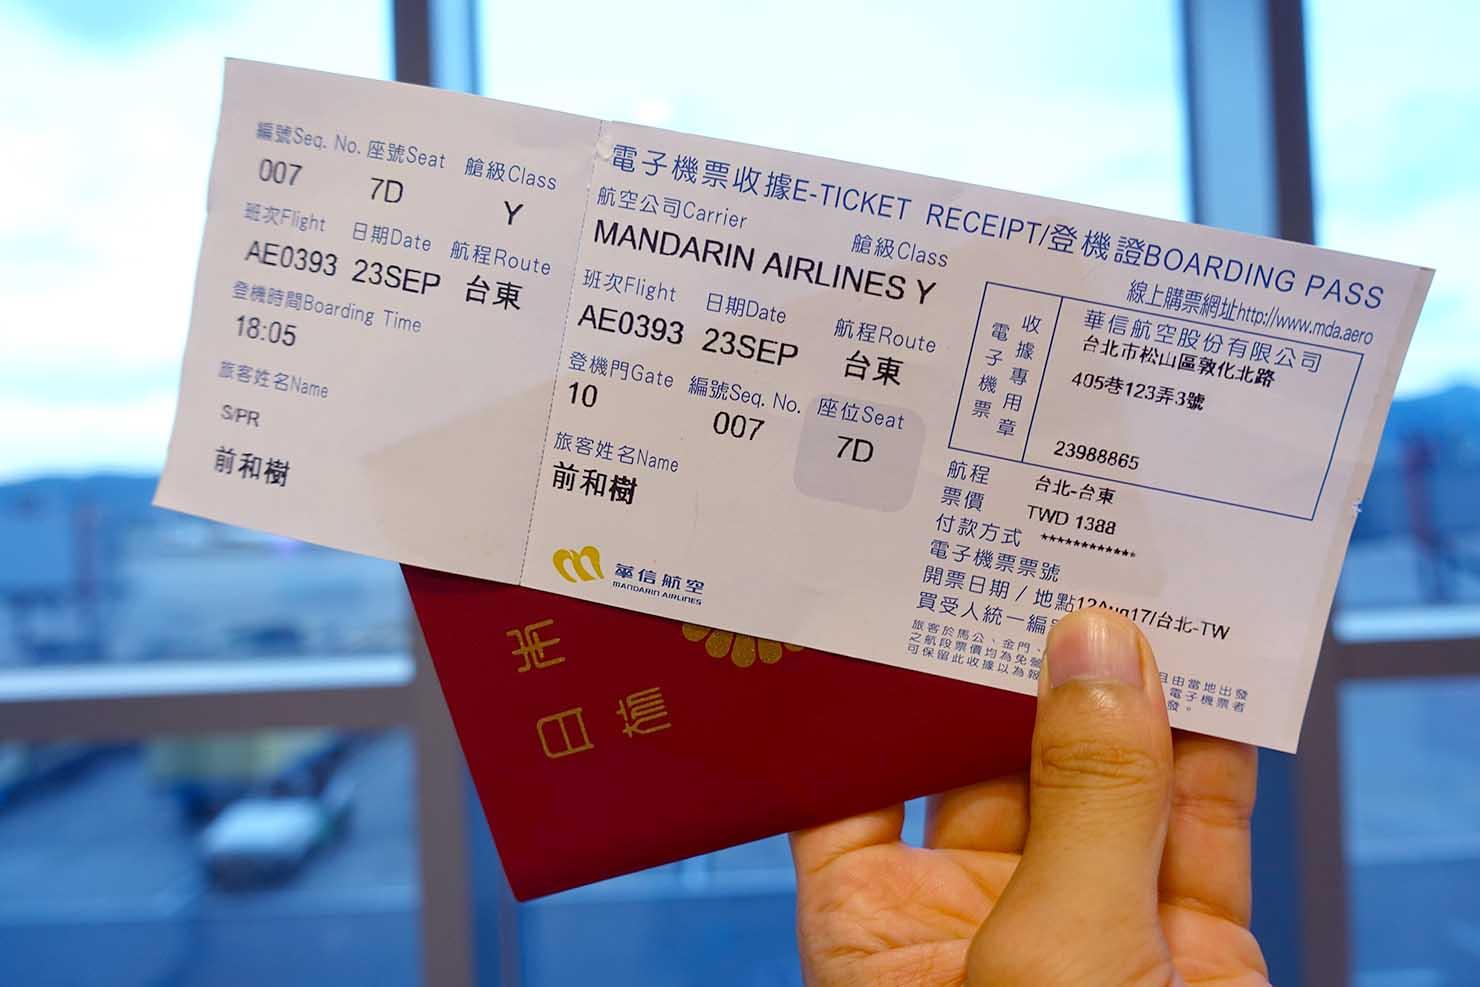 台湾国内線マンダリン航空(華信航空)搭乗チケット